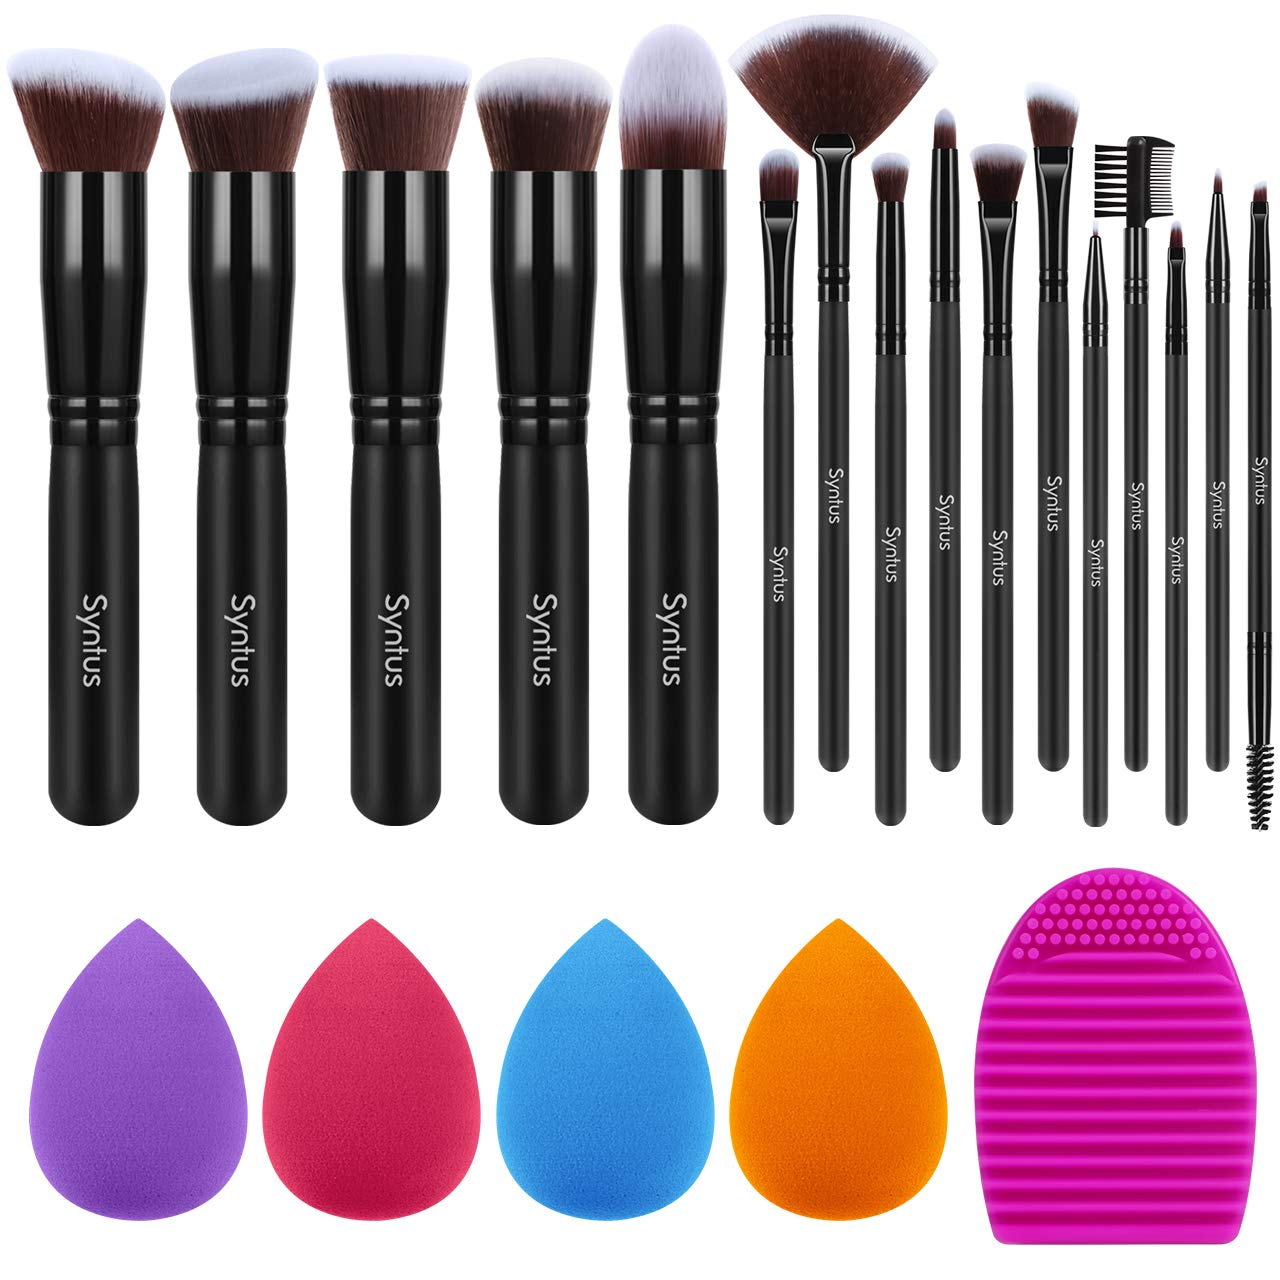 Syntus Makeup Brush Set 16 Makeup Brushes & 4 Blender Sponges & 1 Cleaning Pad Premium Synthetic Foundation Powder Kabuki Blush Concealer Eye Shadow Makeup Brush Kit, Pure Black